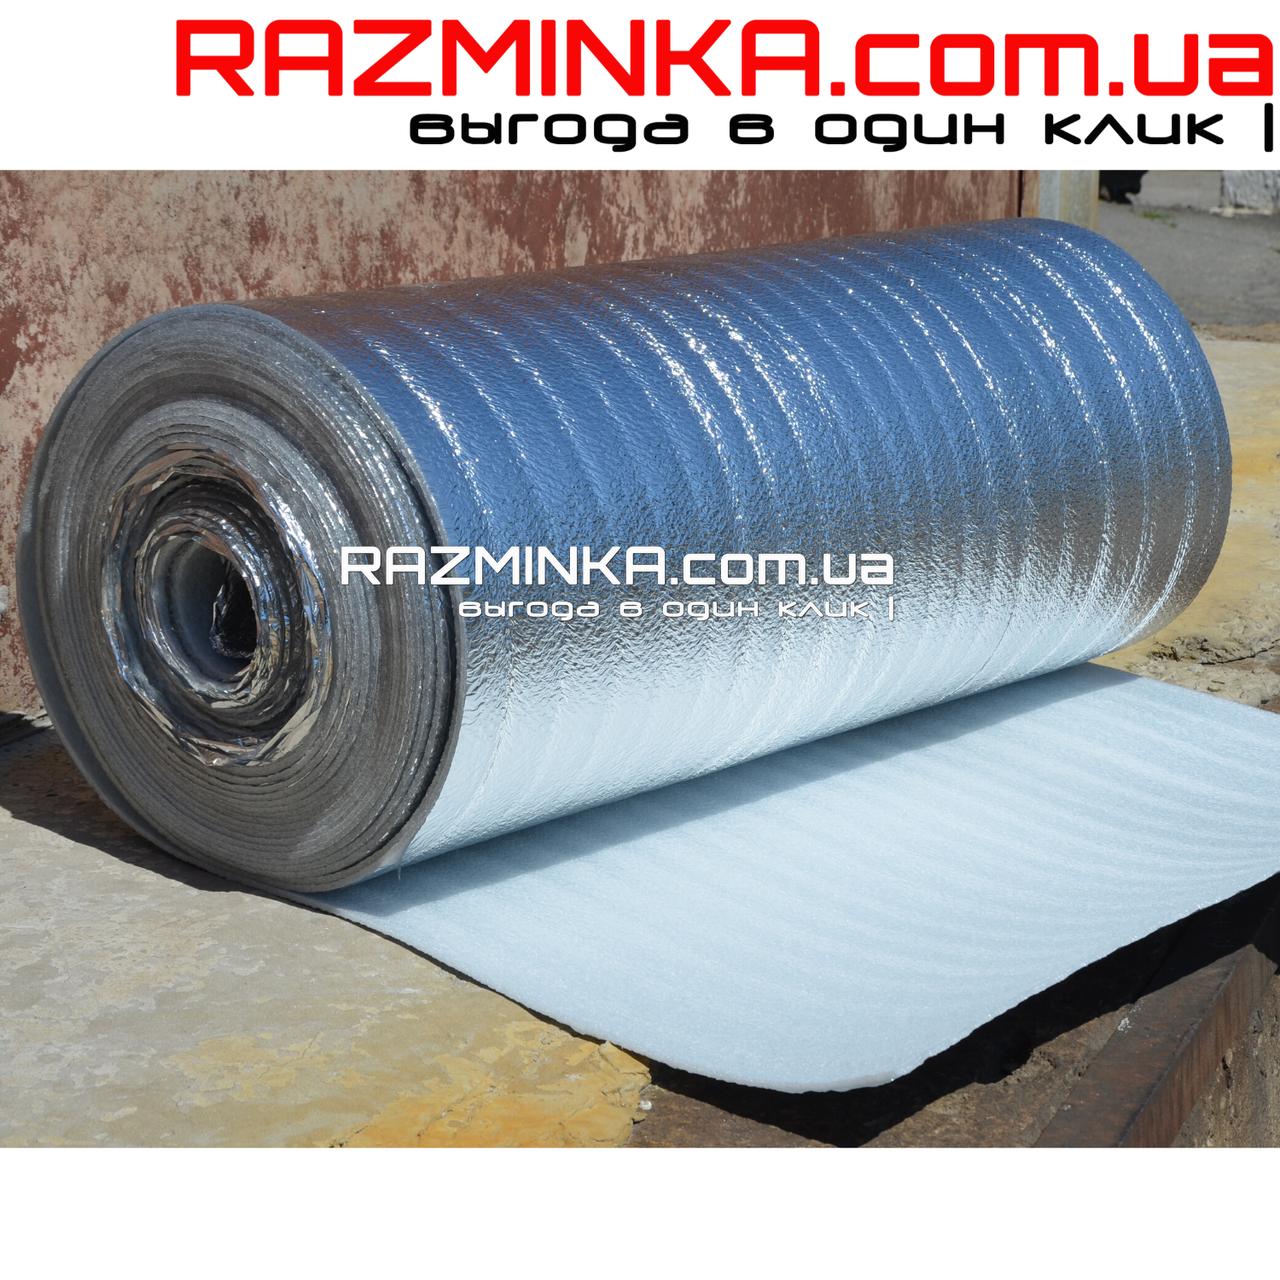 Отражающая изоляция 10мм, рулон 50м² (ламинированное полотно)